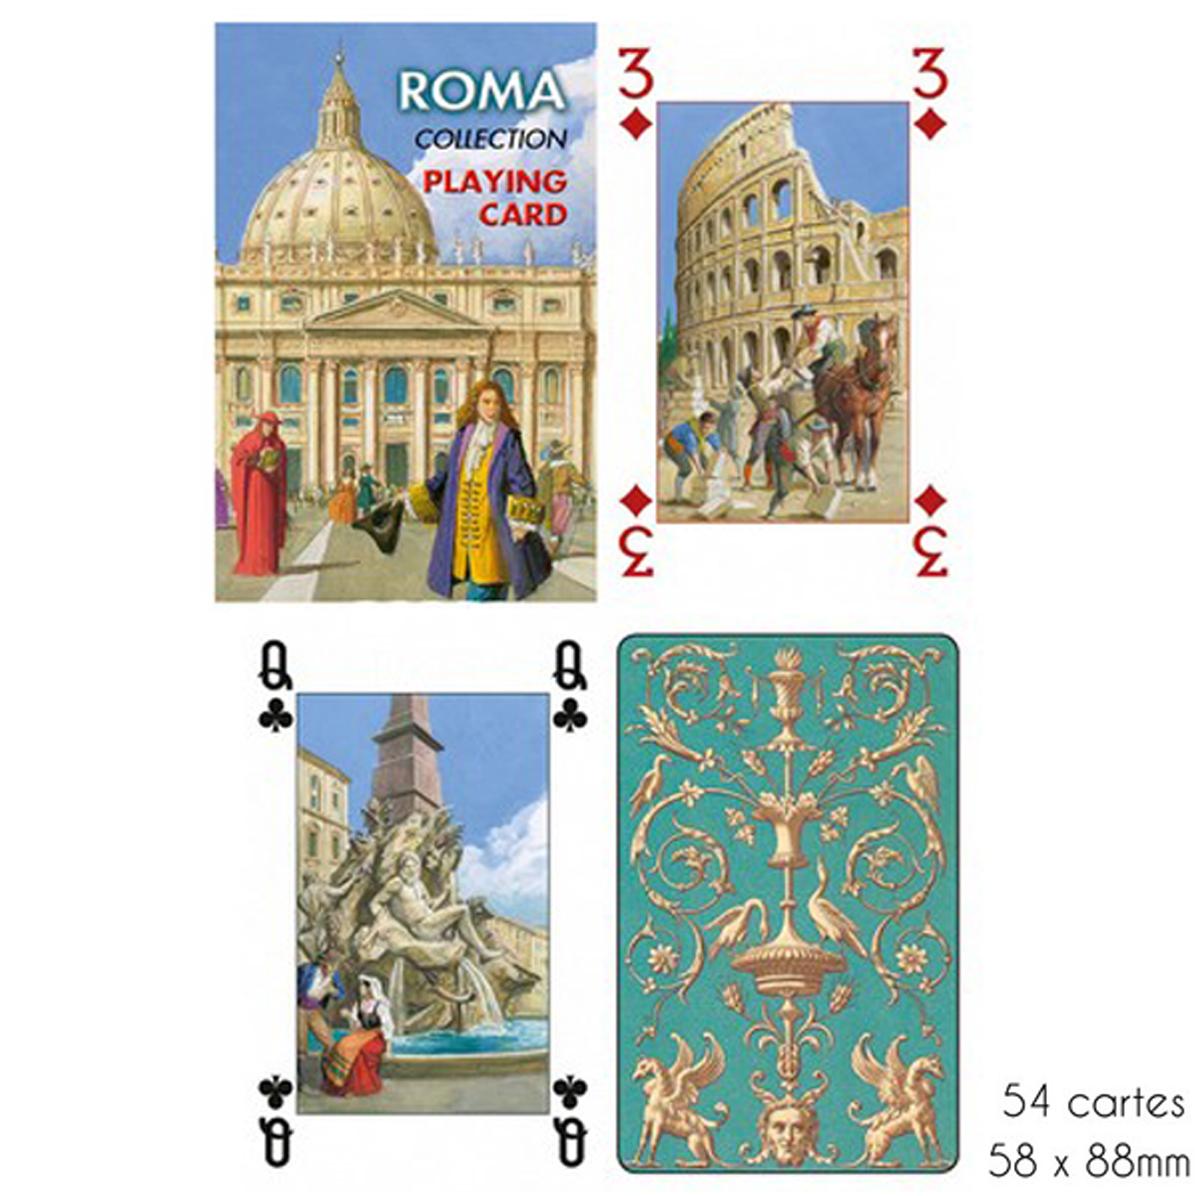 Jeu de cartes Créateur \'Roma\' - 9x6x2 cm - [A2976]